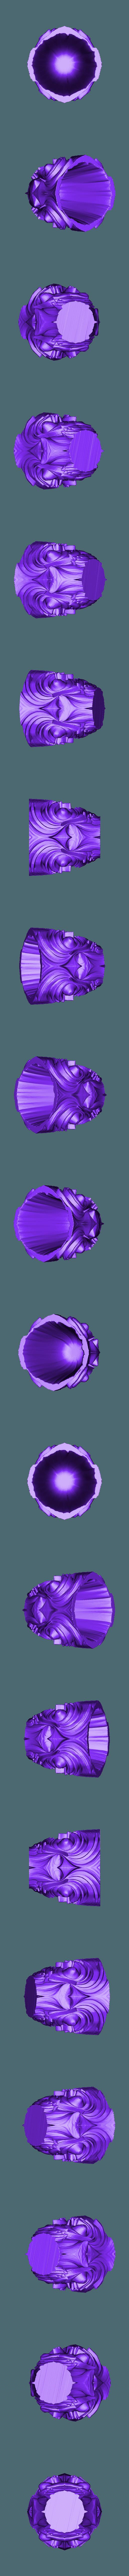 alienvase6.stl Télécharger fichier STL Collection de poteries étrangères • Objet pour imprimante 3D, ferjerez3d